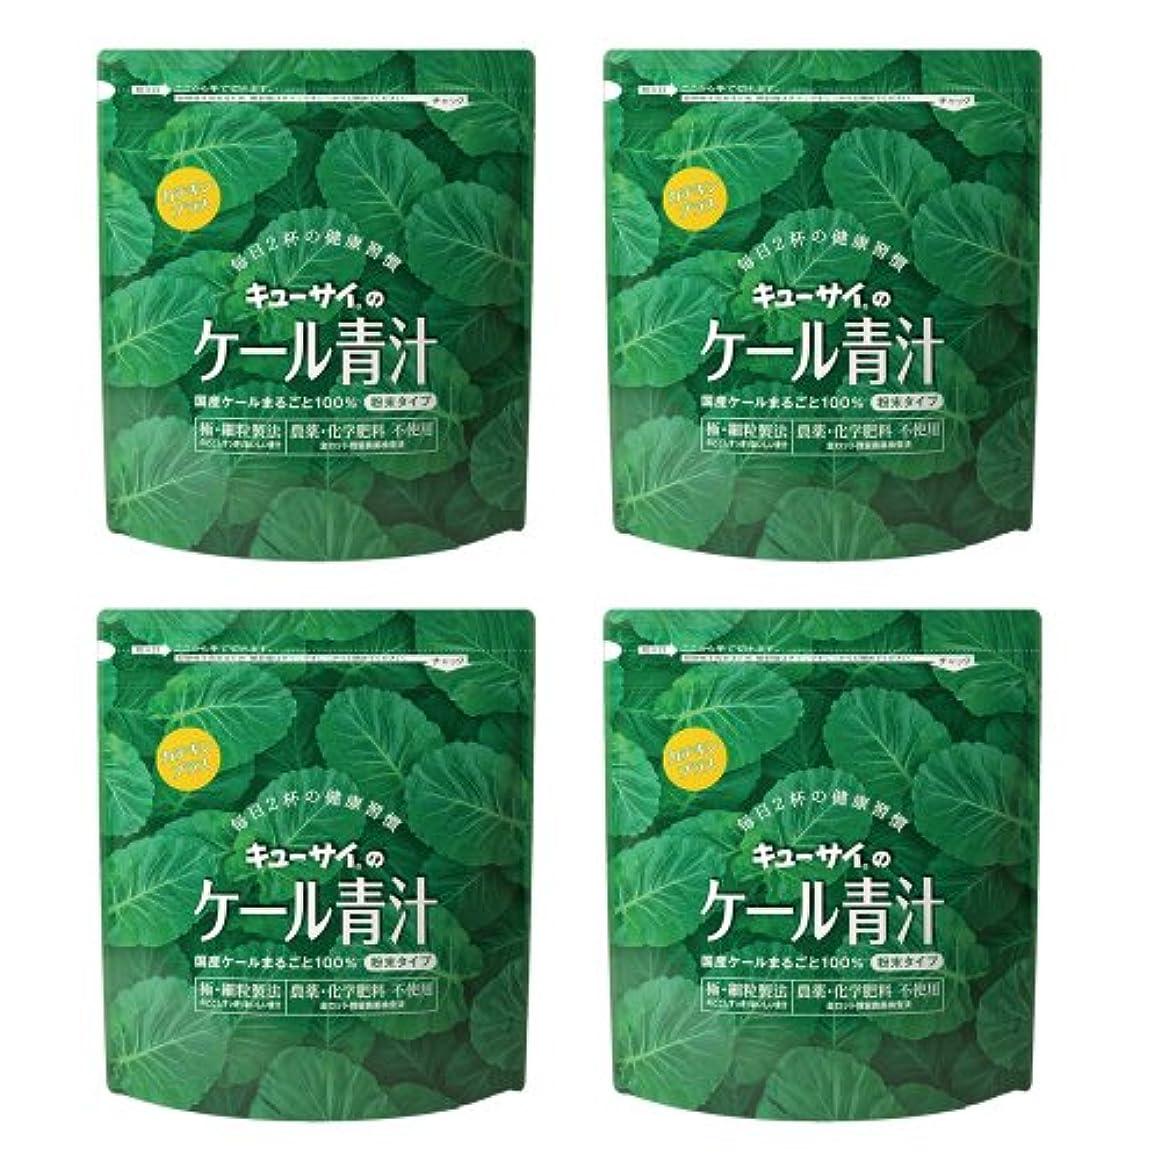 マンモスメディカル石膏キューサイ青汁カテキンプラス420g(粉末タイプ)4袋まとめ買い【1袋420g(約1カ月分)】